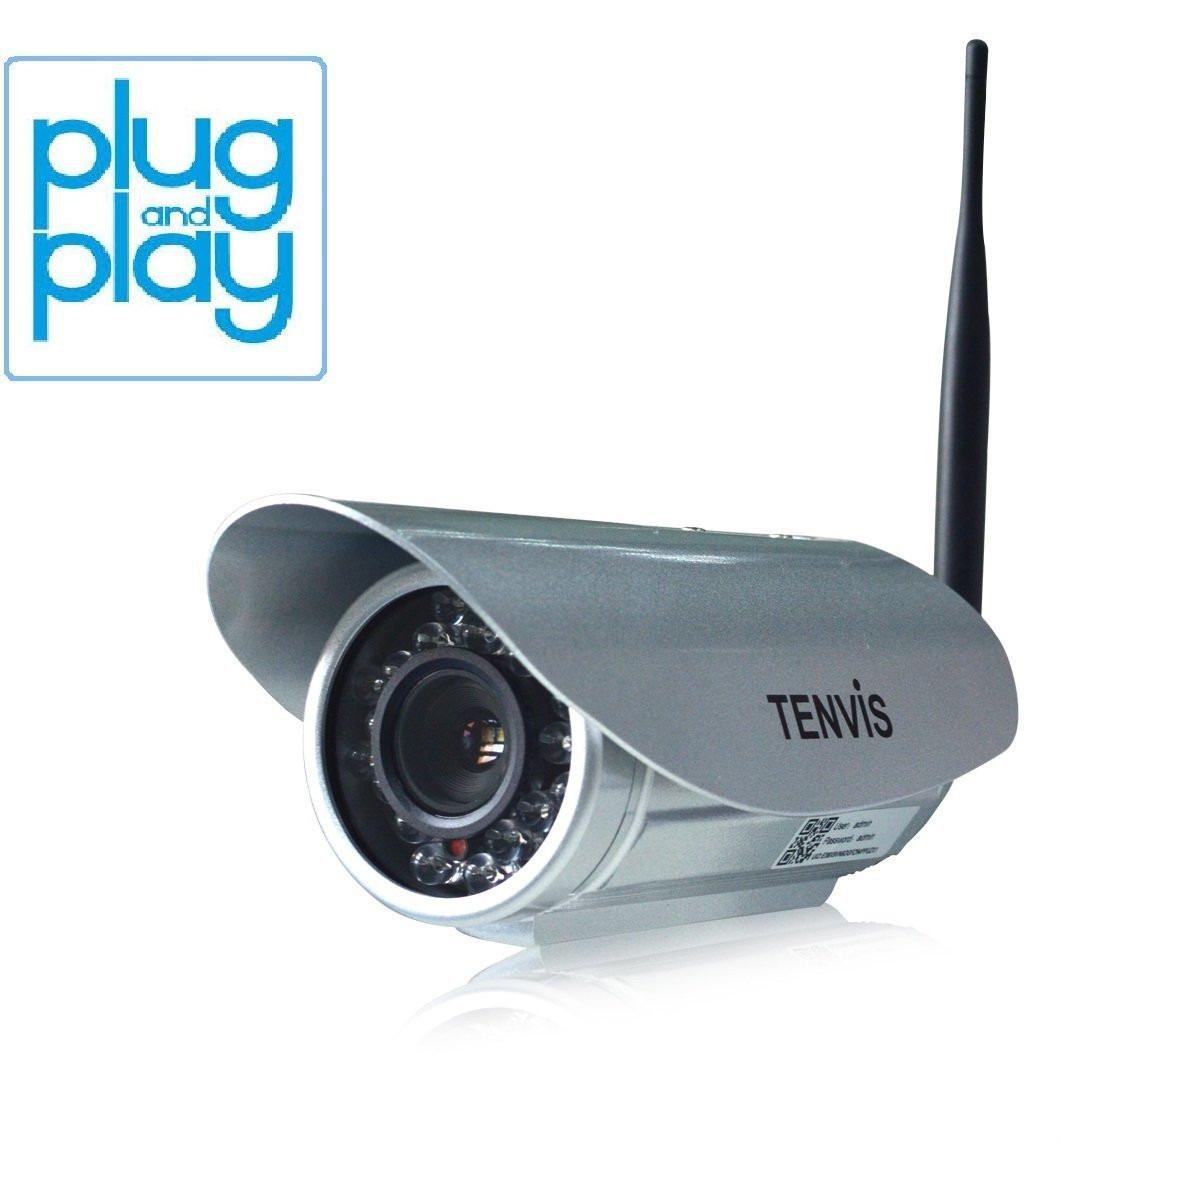 Camara vigilancia detector movimiento tenvis ip391w - Camaras vigilancia exterior ...